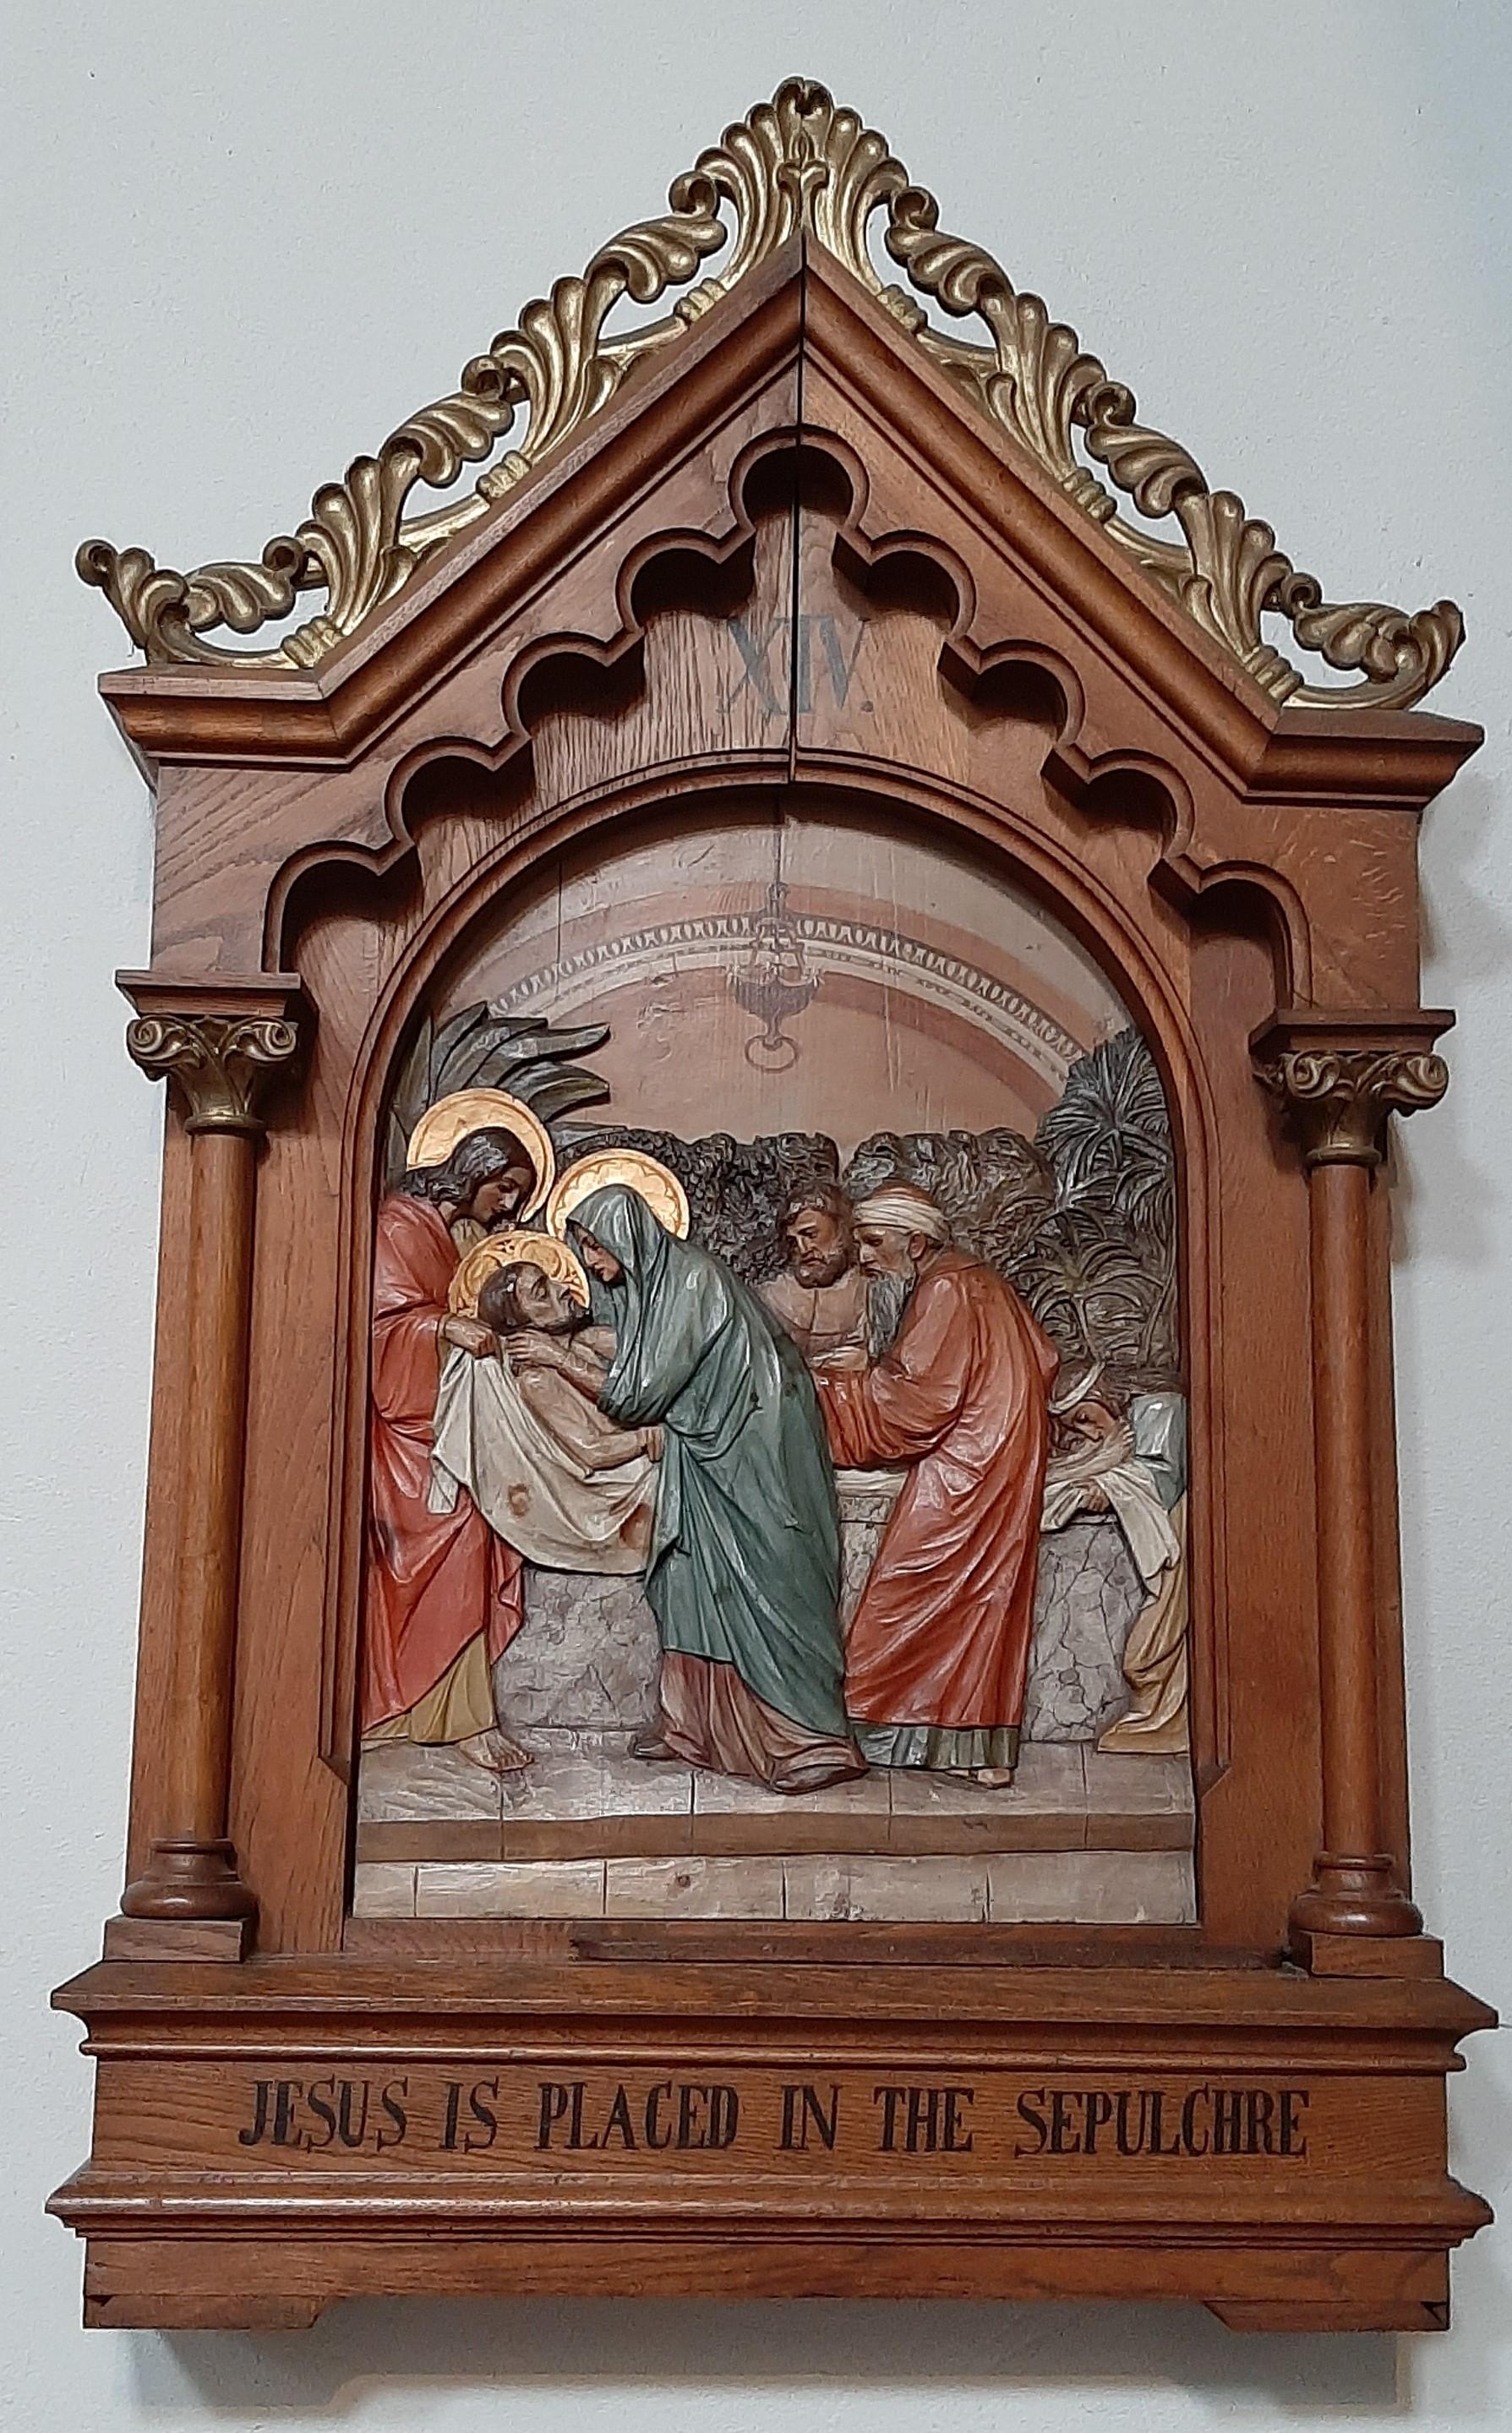 Twelfth Station: Jesus dies on the Cross.